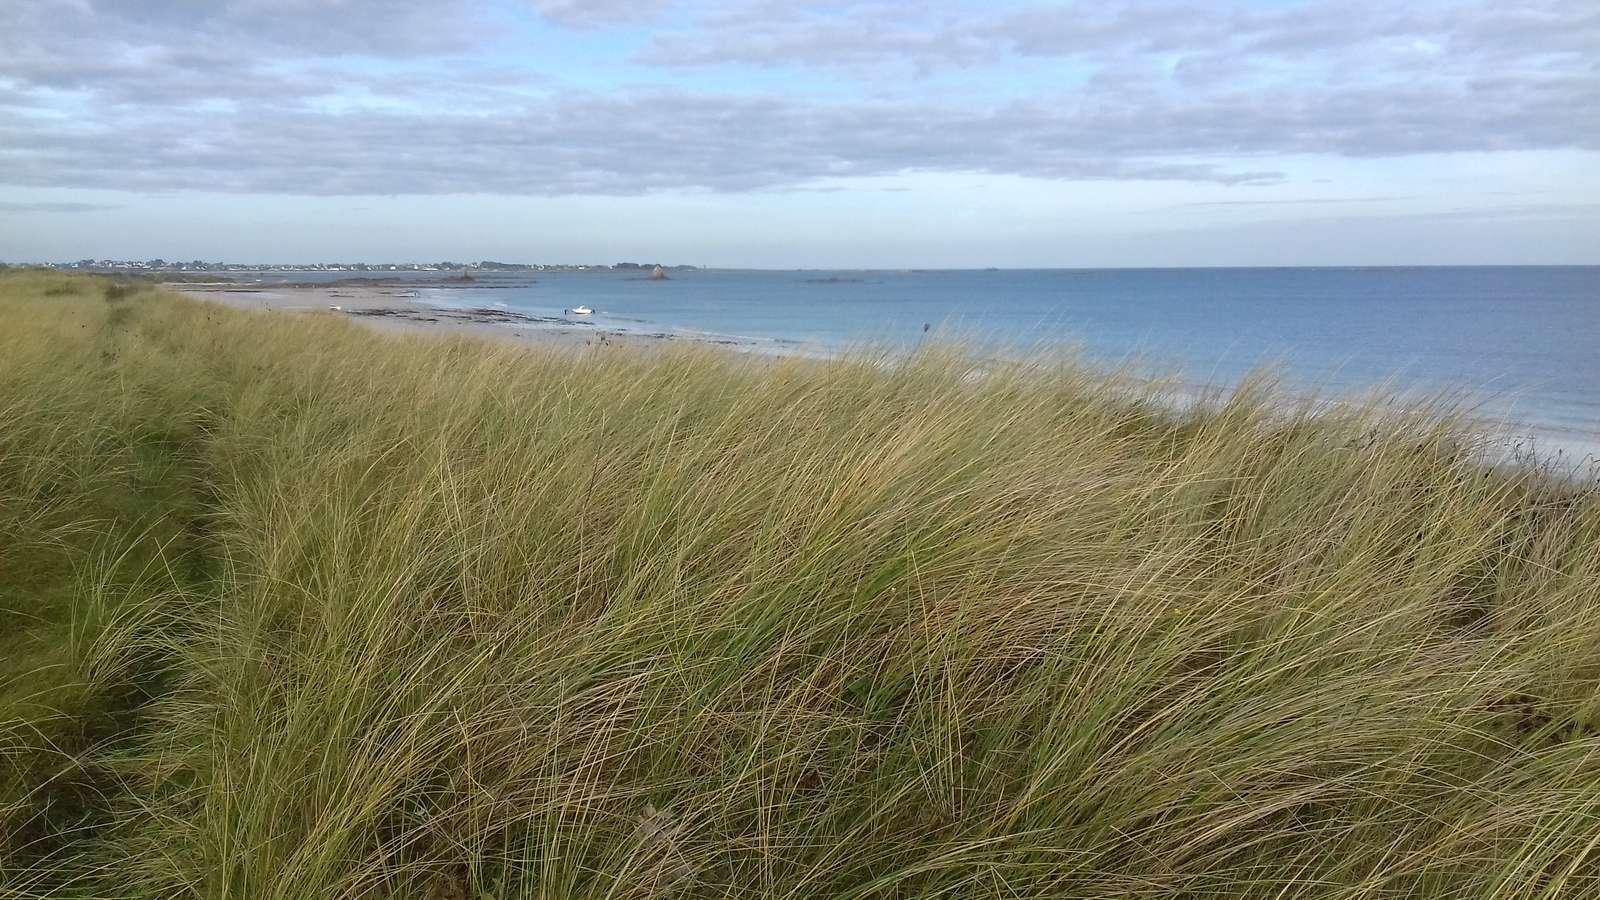 Keremma vue dunes et mer